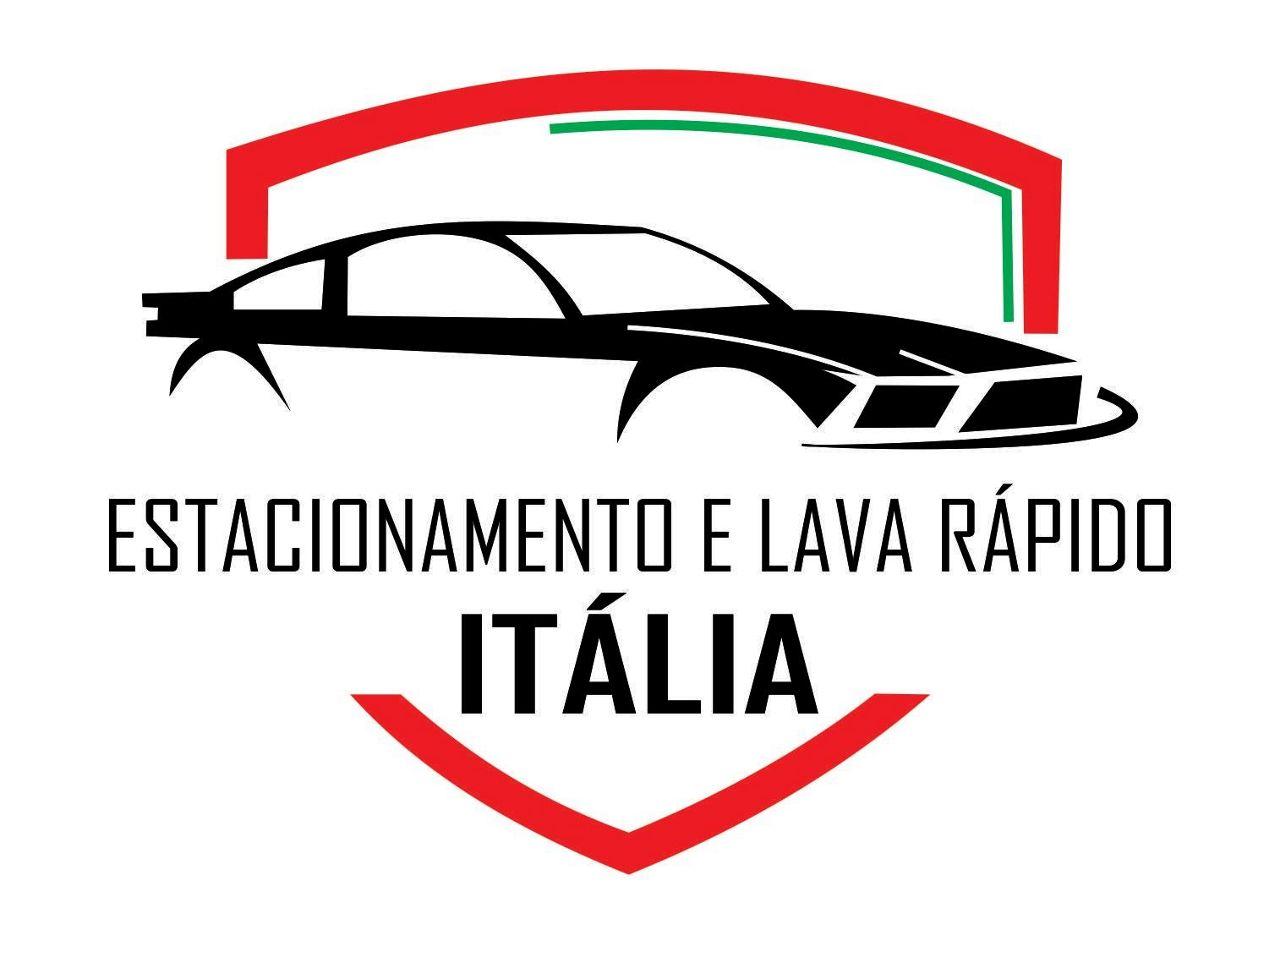 ESTACIONAMENTO E LAVA RÁPIDO ITÁLIA